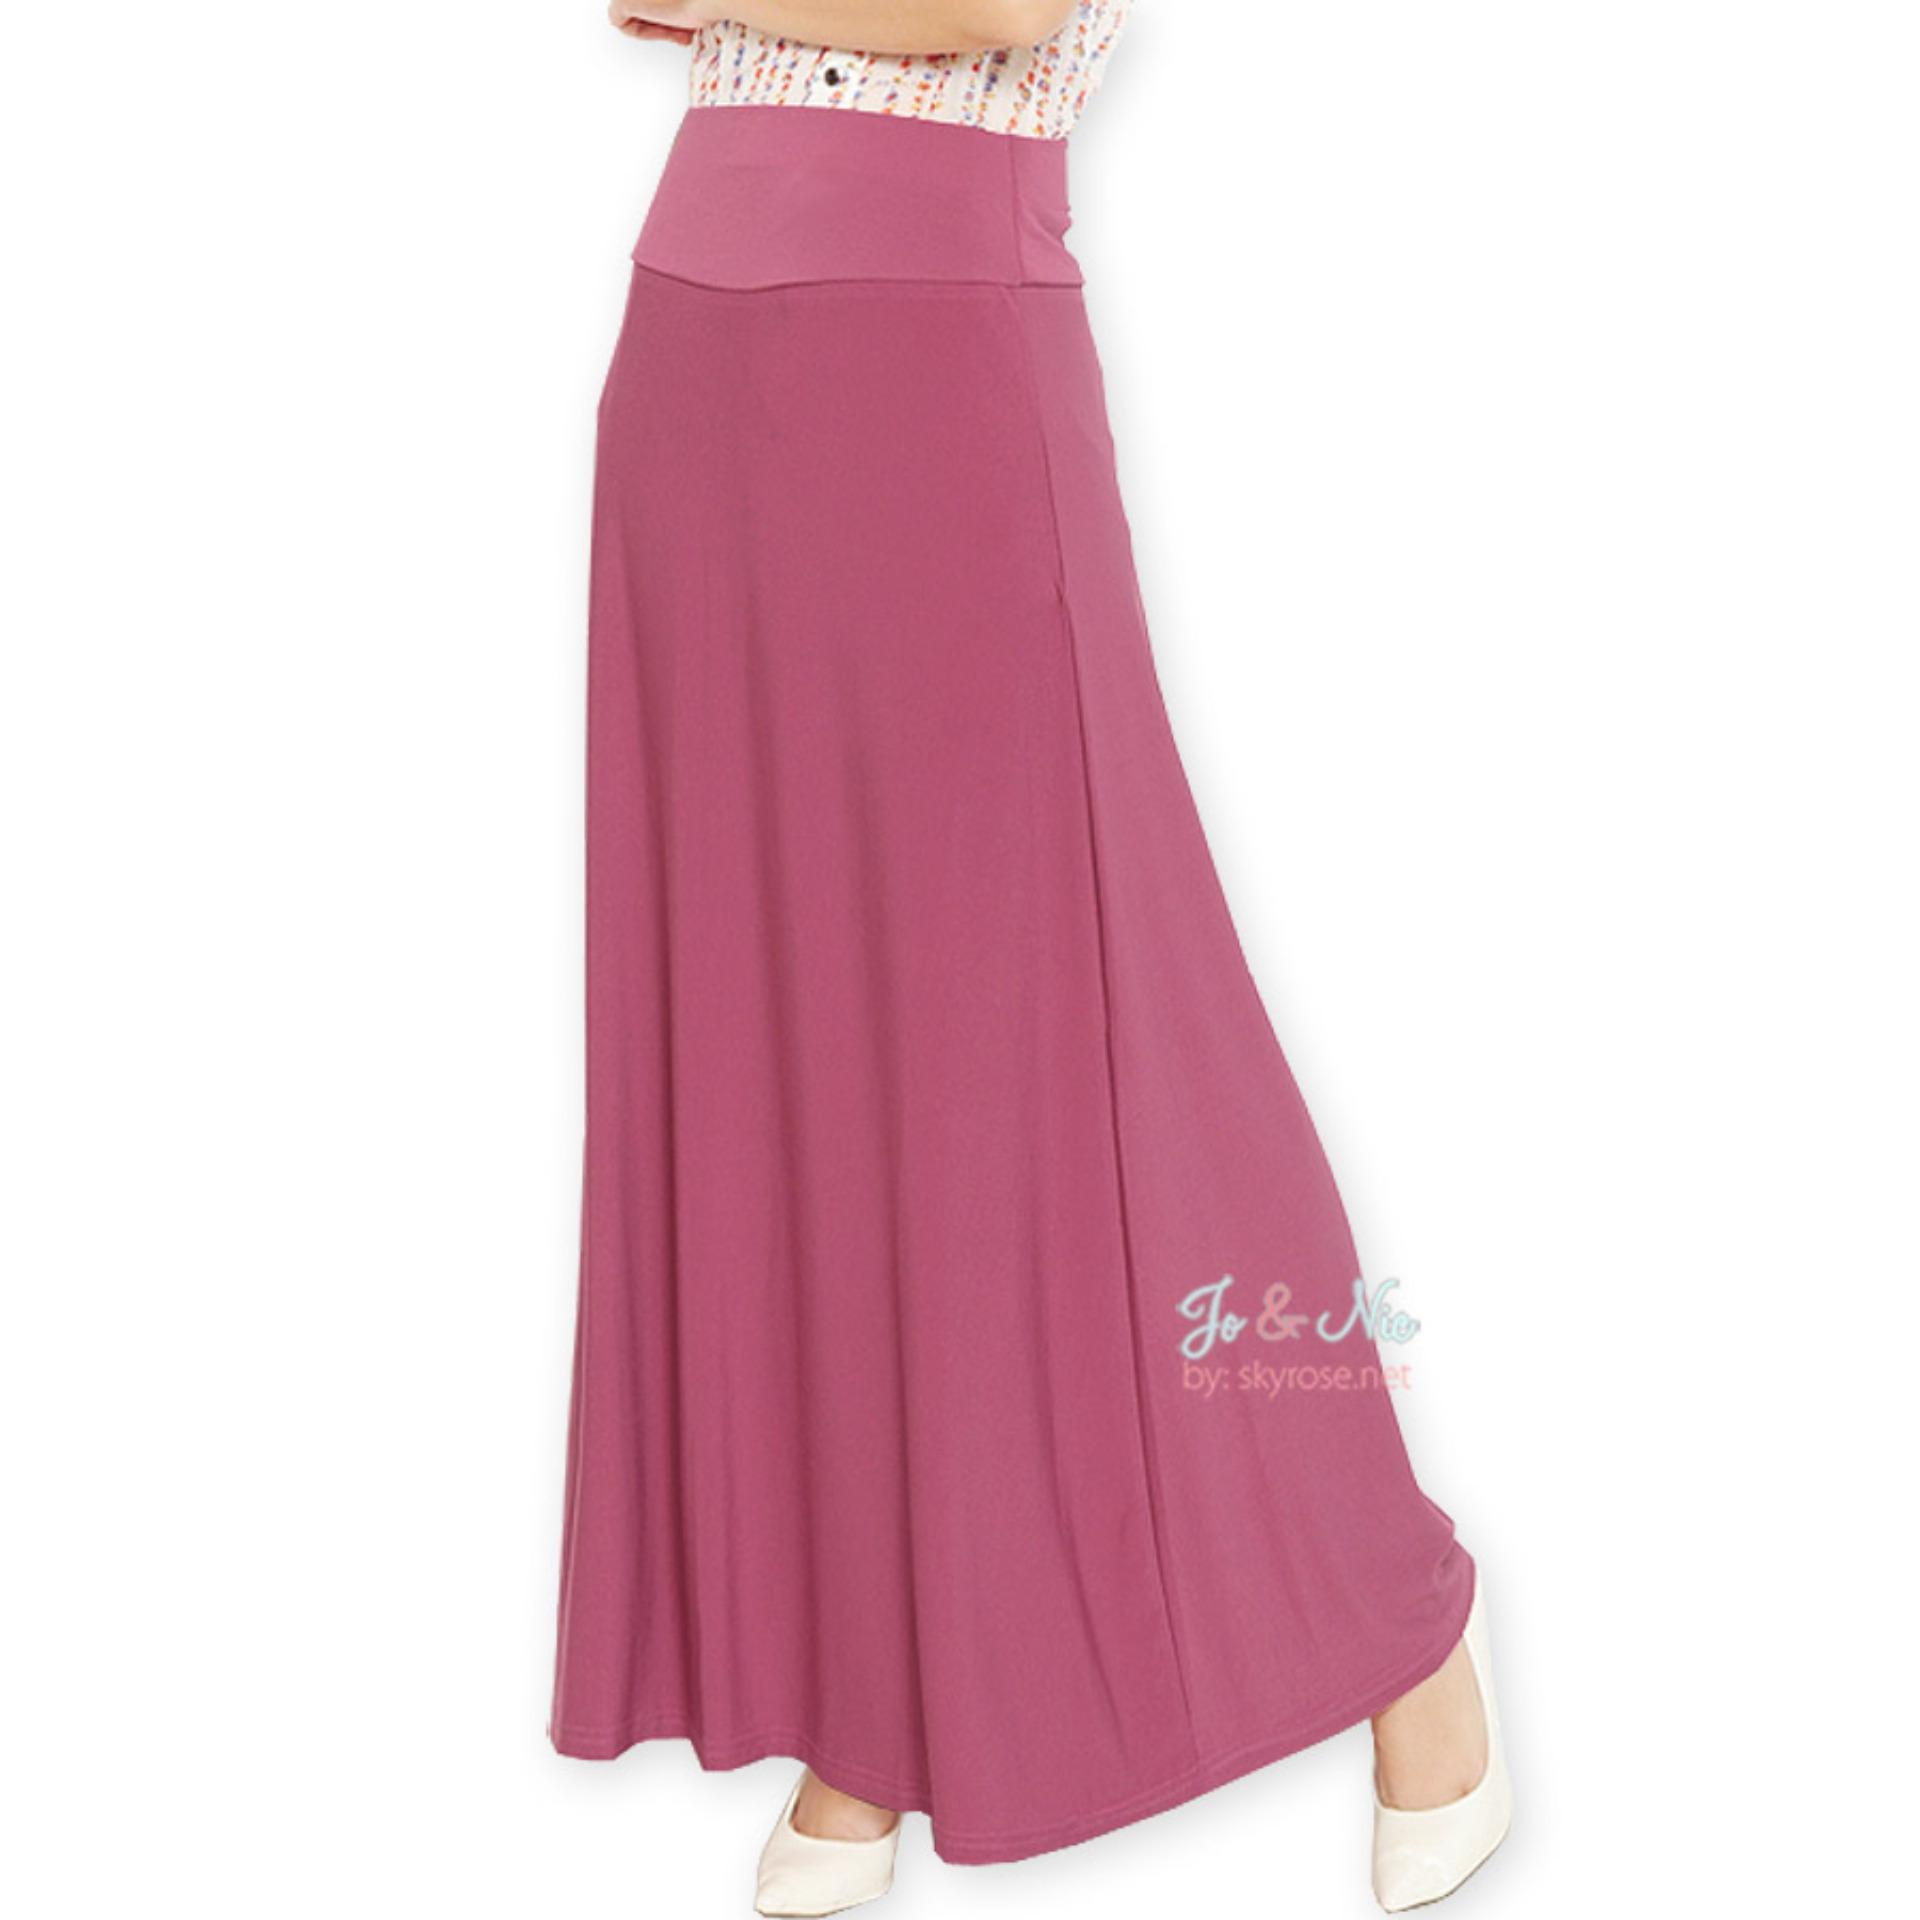 Aline Info Terbaru Promo Harga Berbagai Produk Terlaris Kulot Midi Nda Fjn822b Jo Nic A Line Maxi Skirt Rok Hijab Fit To Xl Dustypink